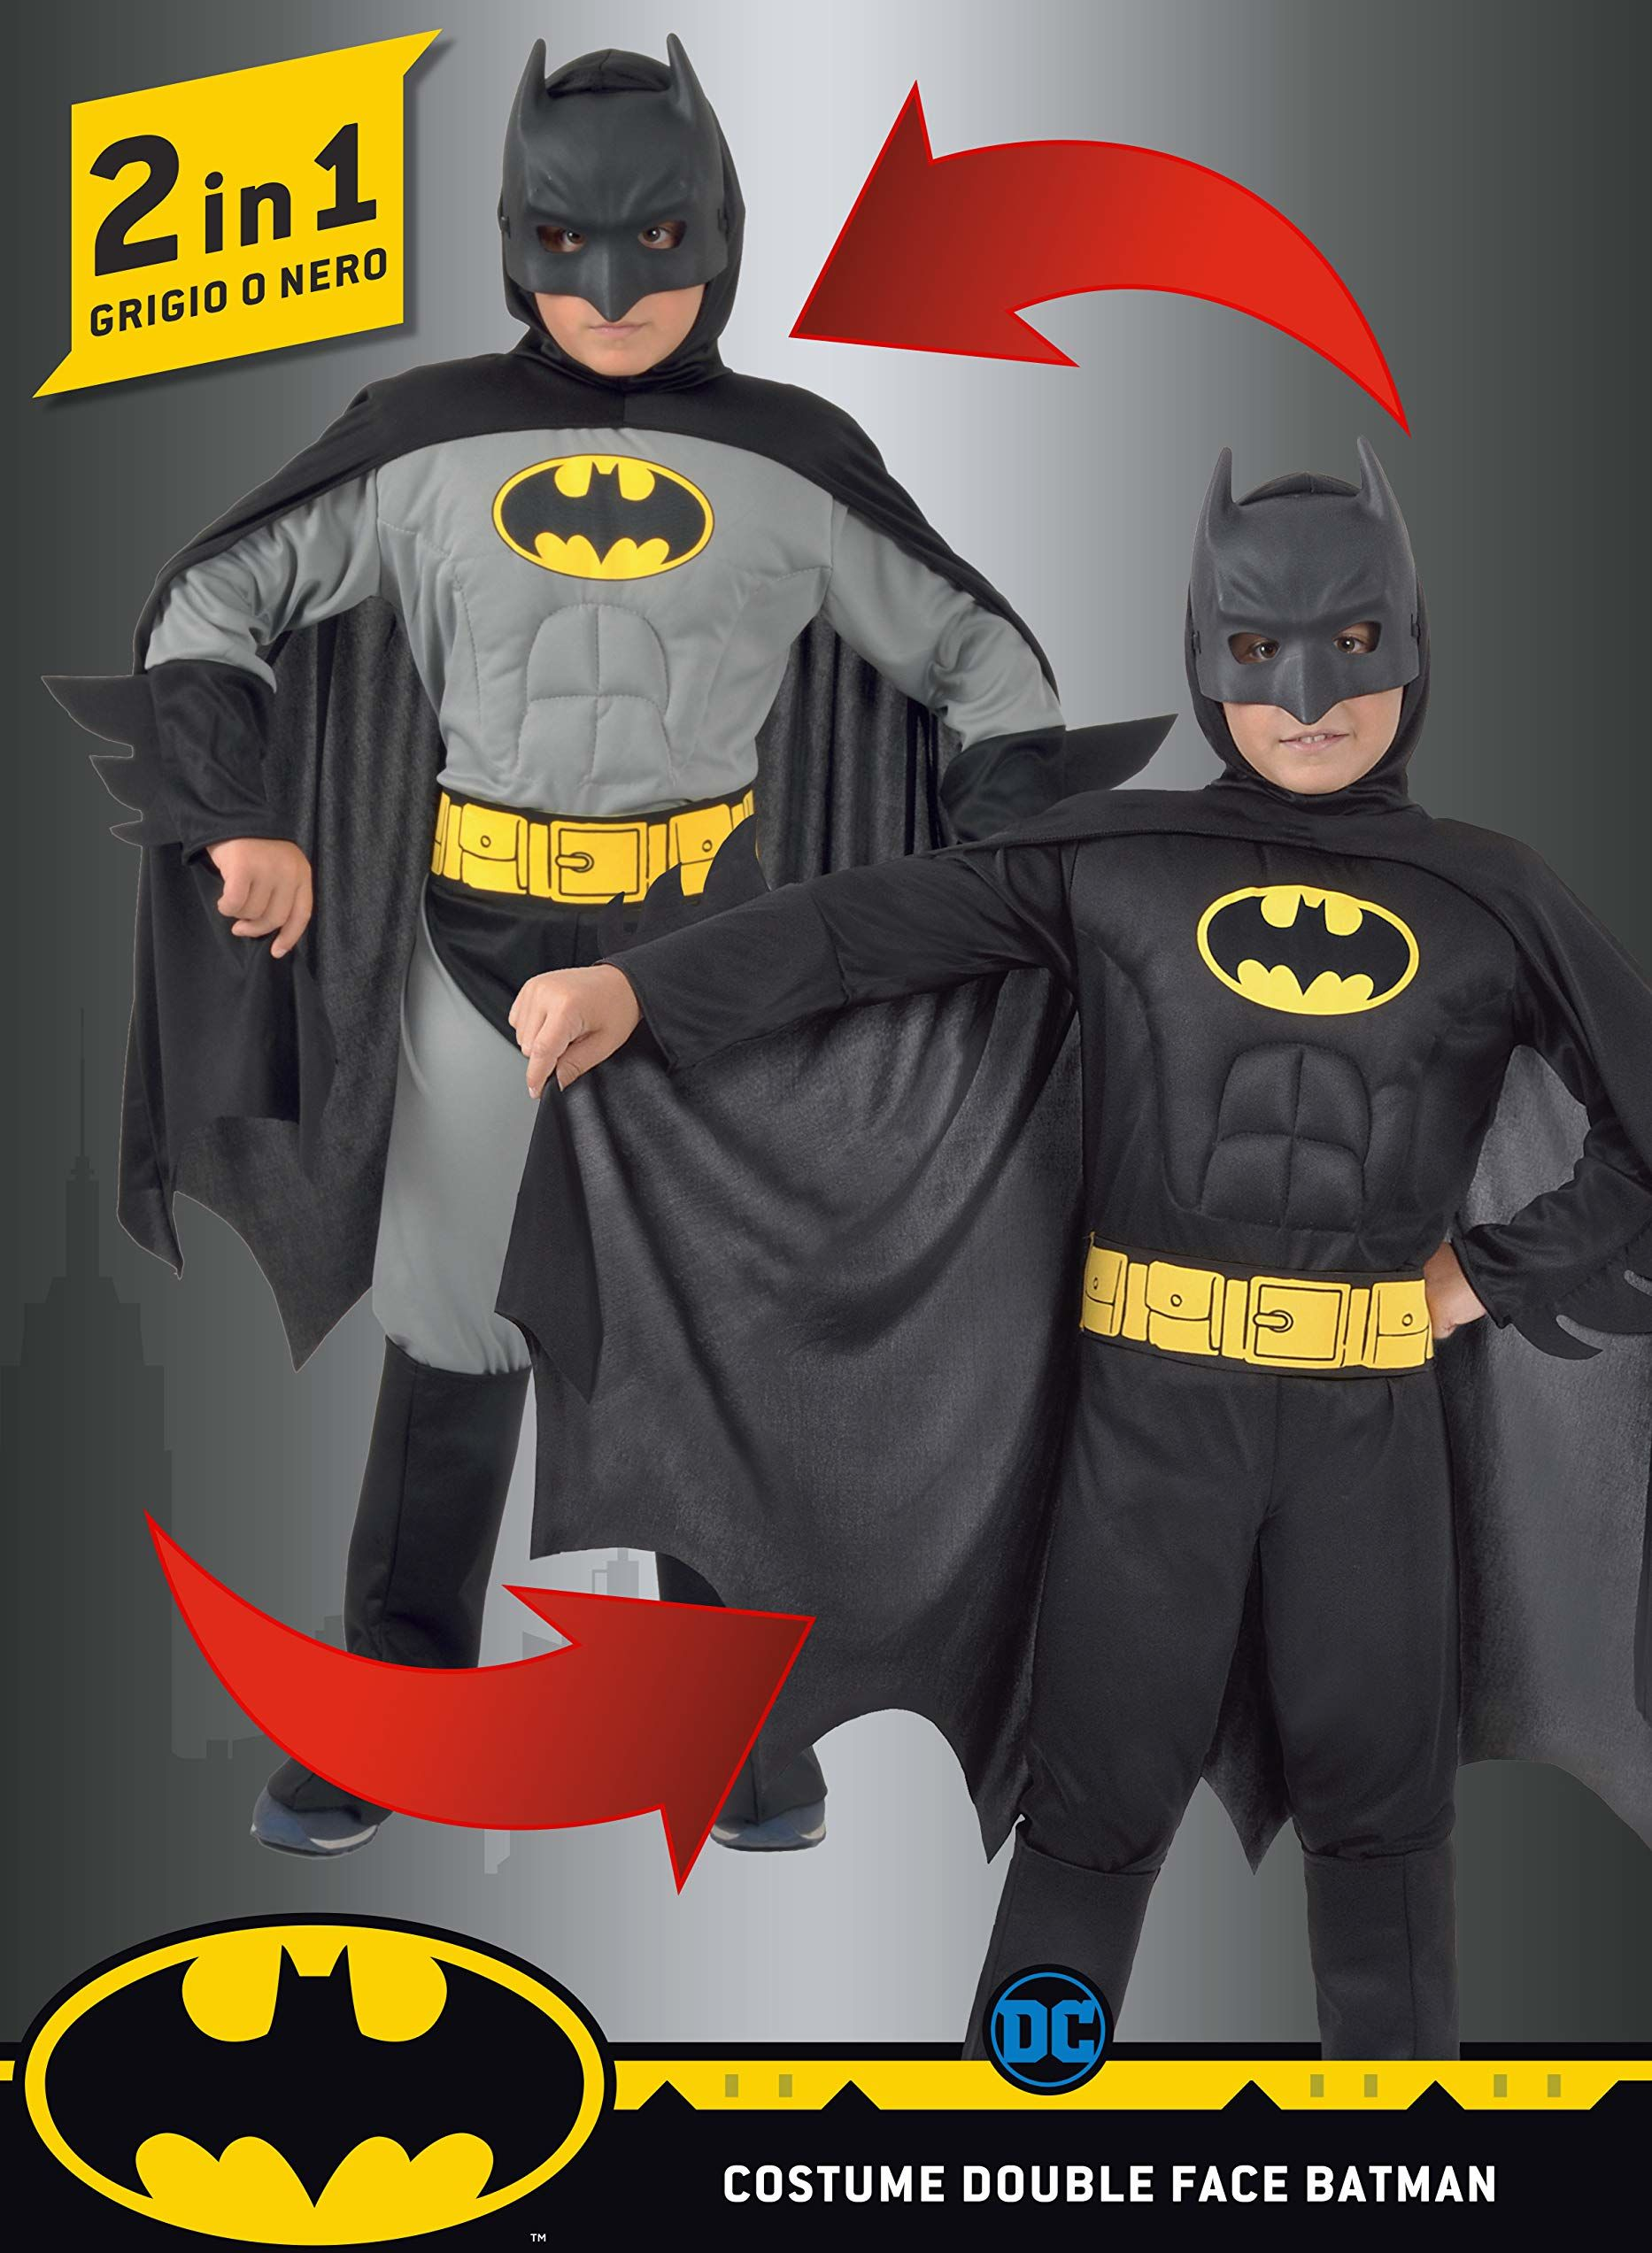 Ciao - Batman 2-w-1 (Classic/Dark Knight) oryginalny kostium komiksowy DC (rozmiar 10-12 lat) z wyściełanymi mięśniami klatki piersiowej dla dzieci, czarny, Girgio, 5-7, 11720.5-7